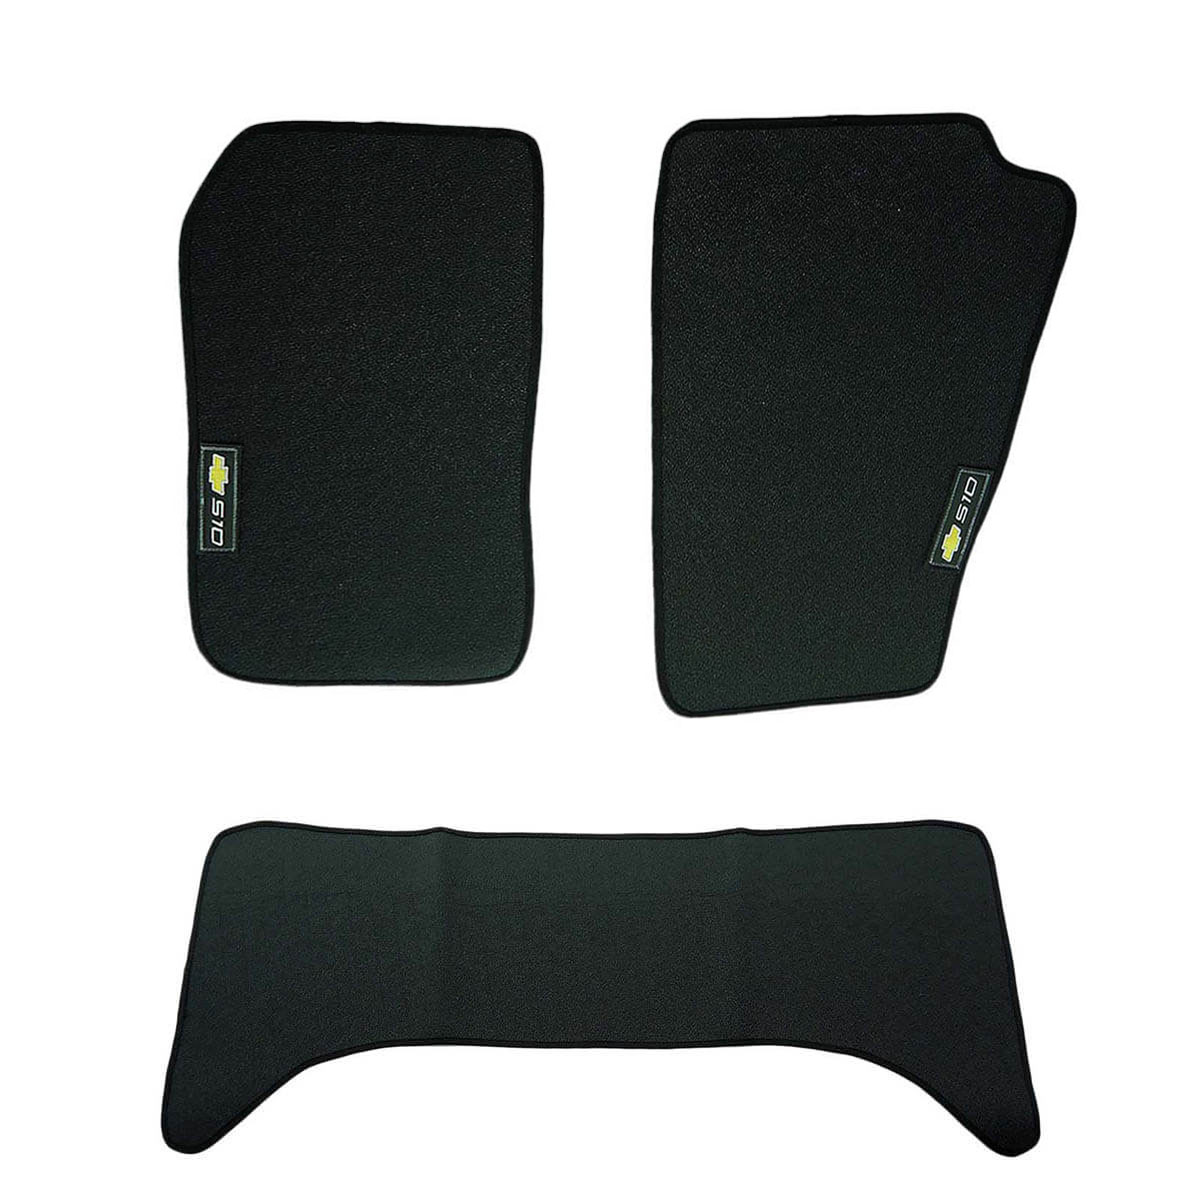 Tapete personalizado em PVC Blazer 1996 a 2011 ou S10 cabine dupla 2001 a 2011